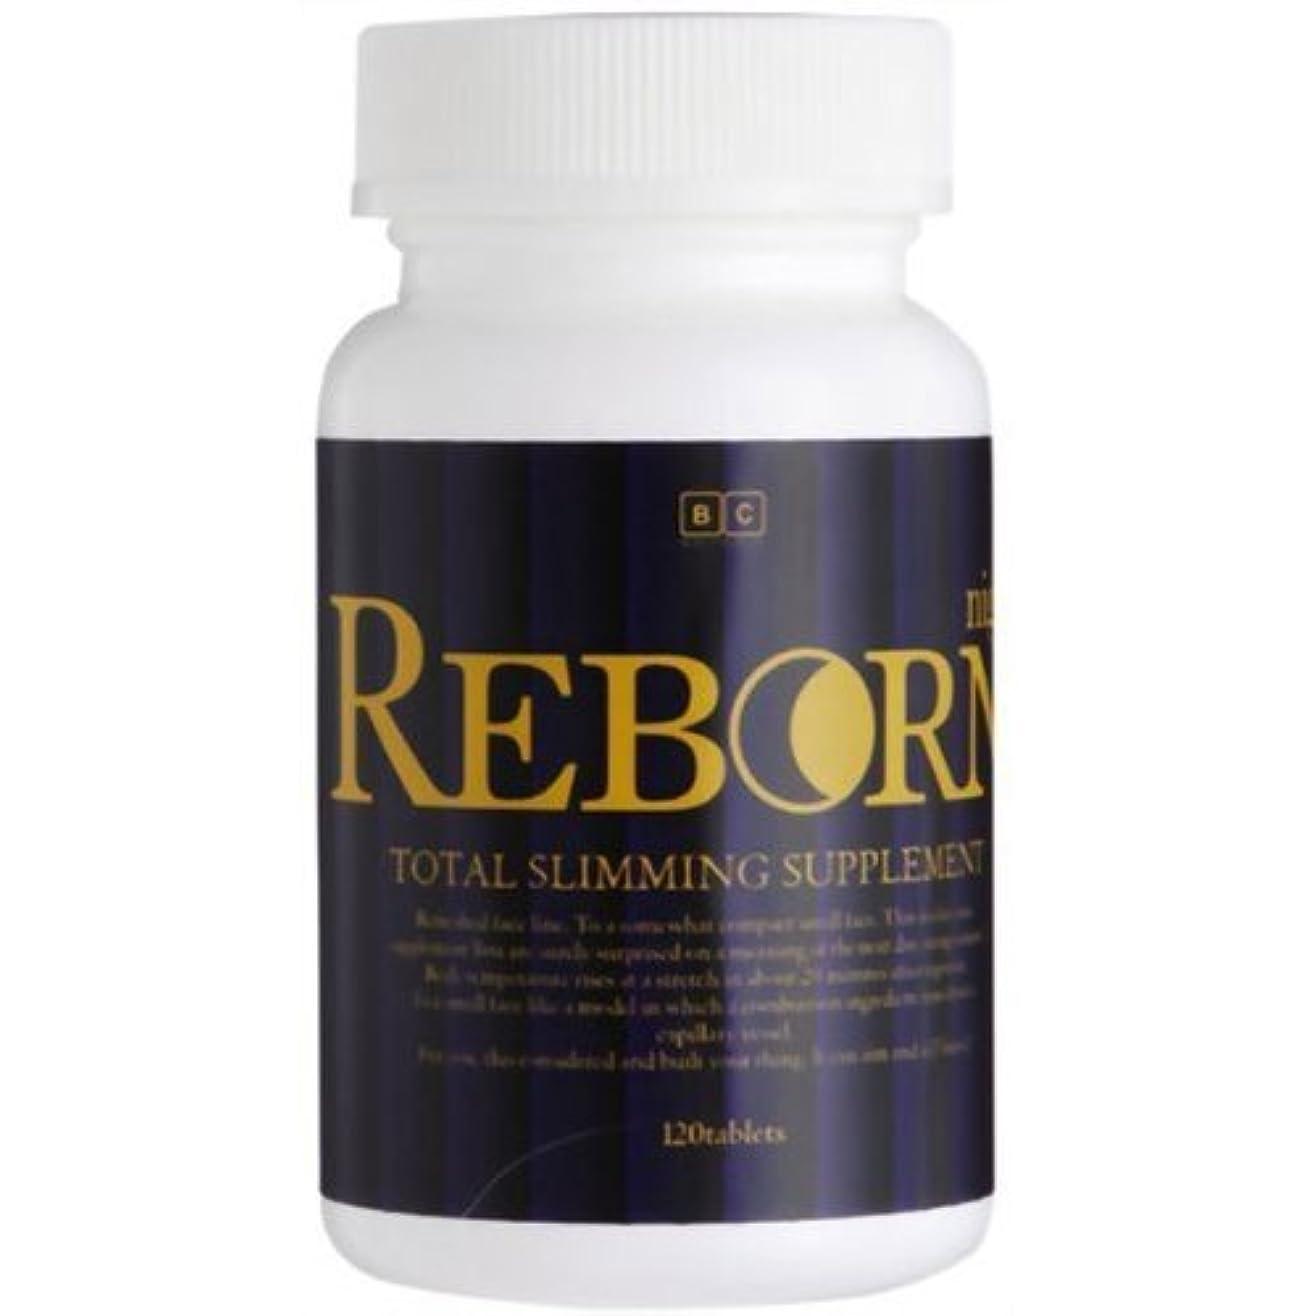 フレア飽和する震えるお得な5個セット7日間飲んで寝るだけで night REBORN ナイトリボーン 120粒 5か月分